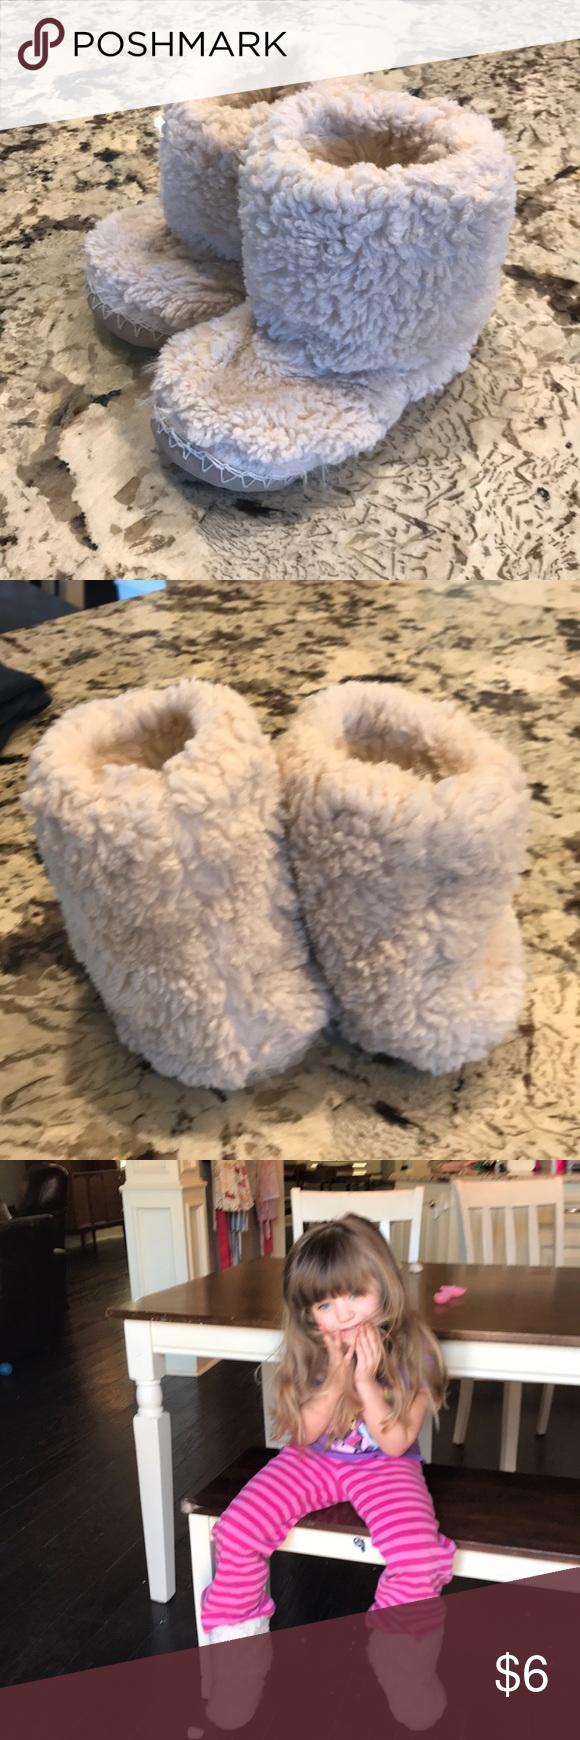 Pottery Barn Kids Fur Boot Slipper Size M Kids Fur Boots